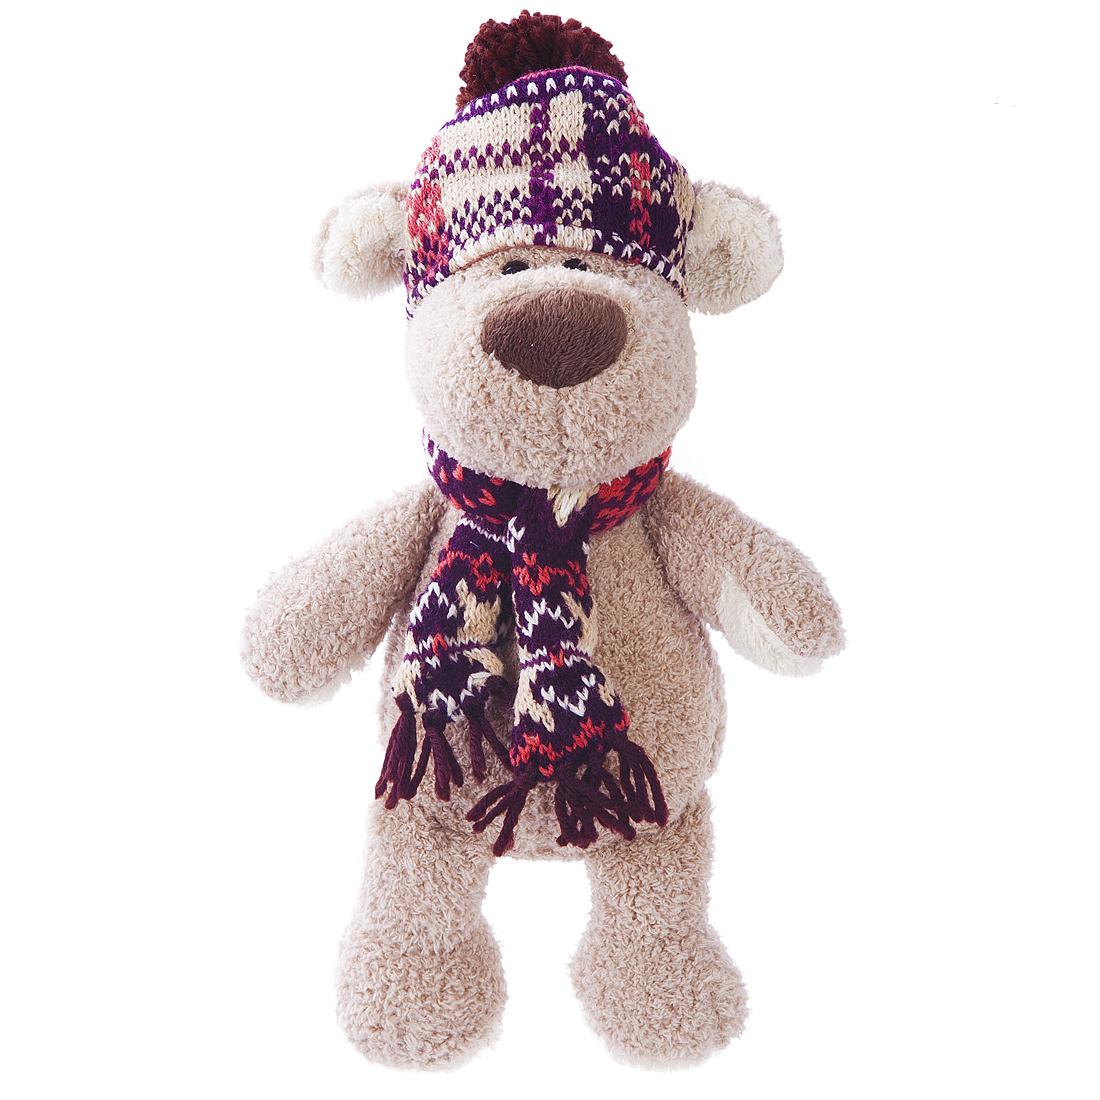 Мягкие игрушки Fluffy Family Пес Филька мягкие игрушки maxitoys пес ватсон с тапком